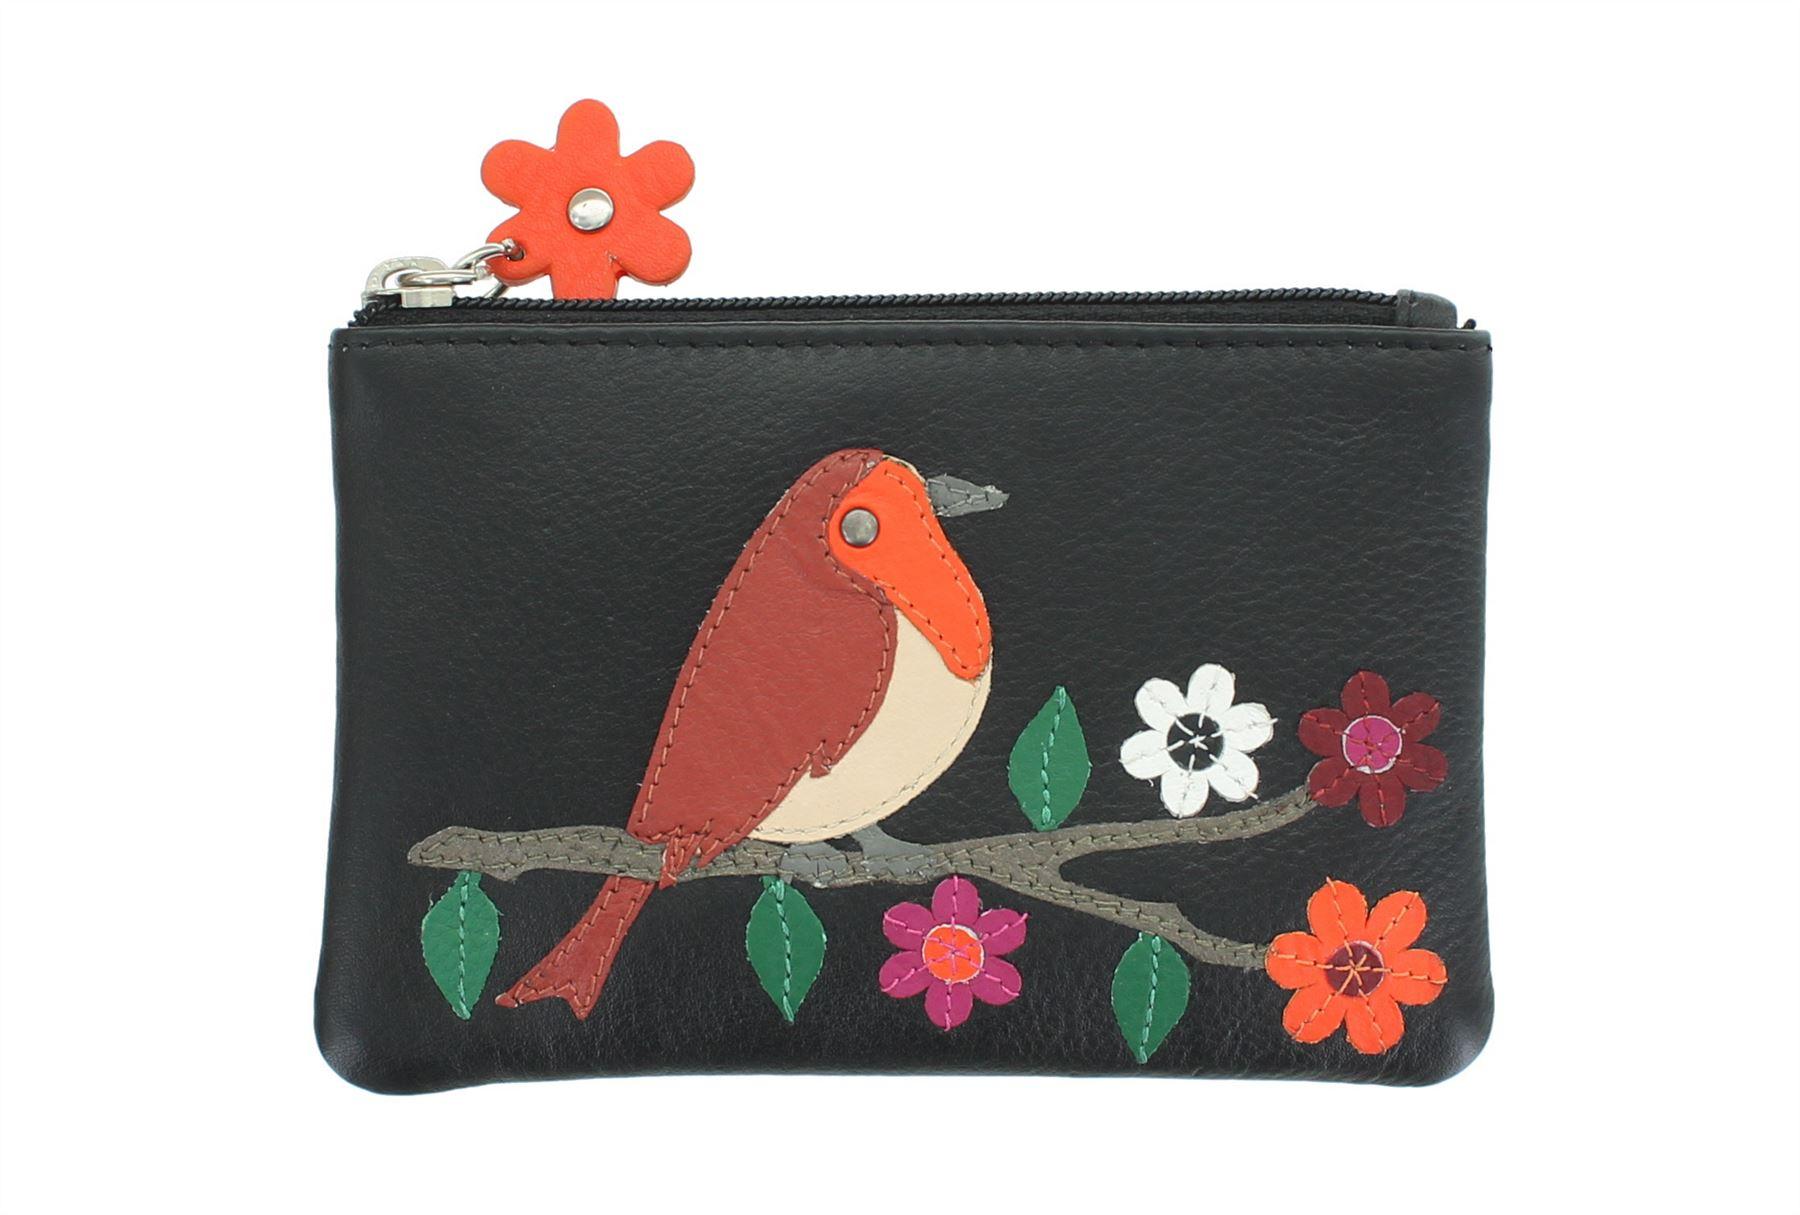 Mala Leather ROBIN collezione portamonete con portachiavi-RFID PROTECTED 4151 /_ 97